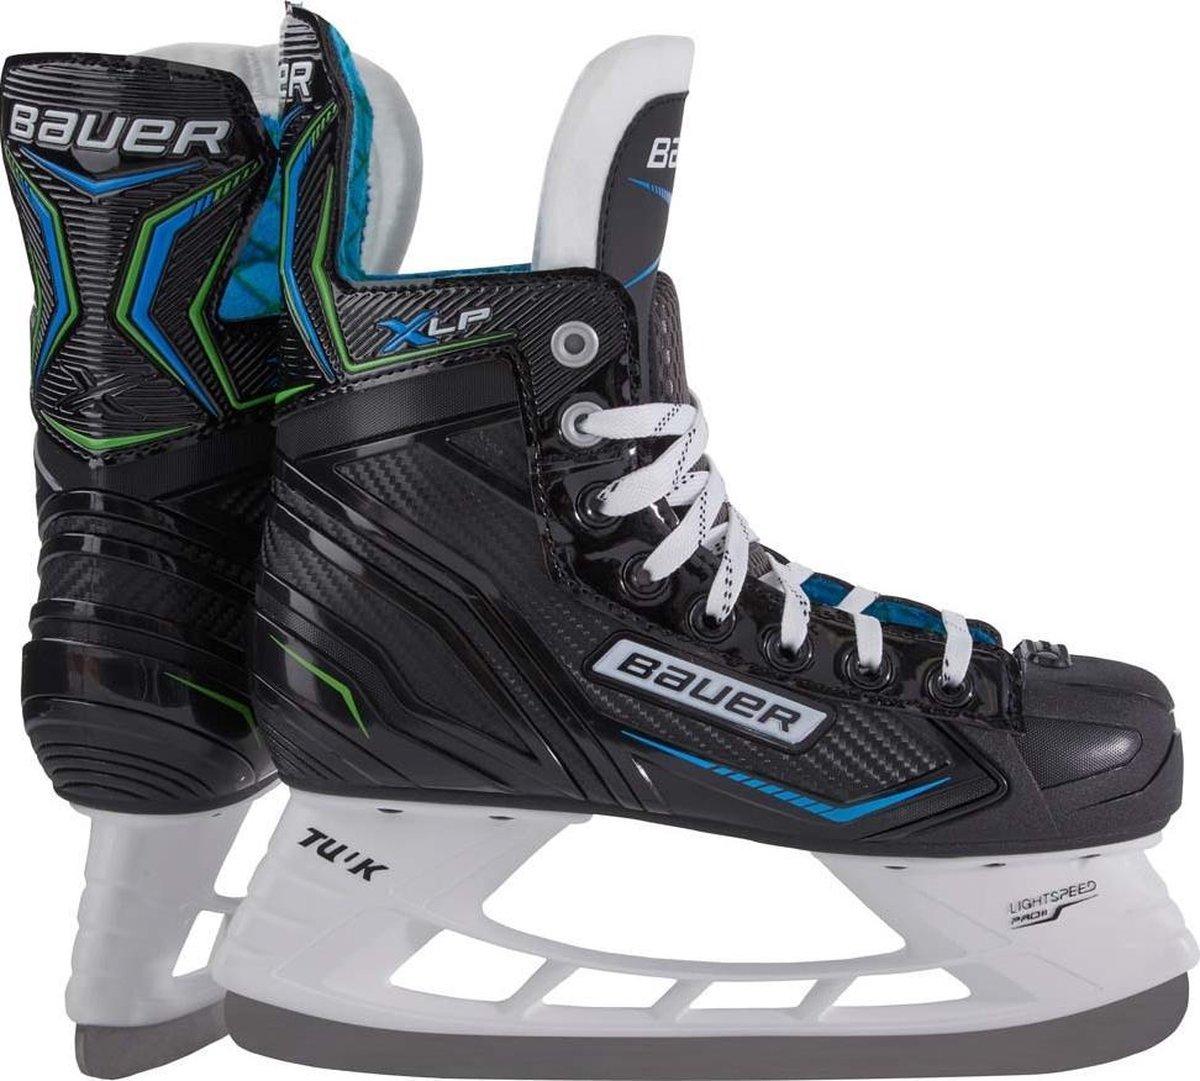 Bauer Ijshockeyschaatsen X-lp Junior Microfiber Zwart/blauw Mt 35